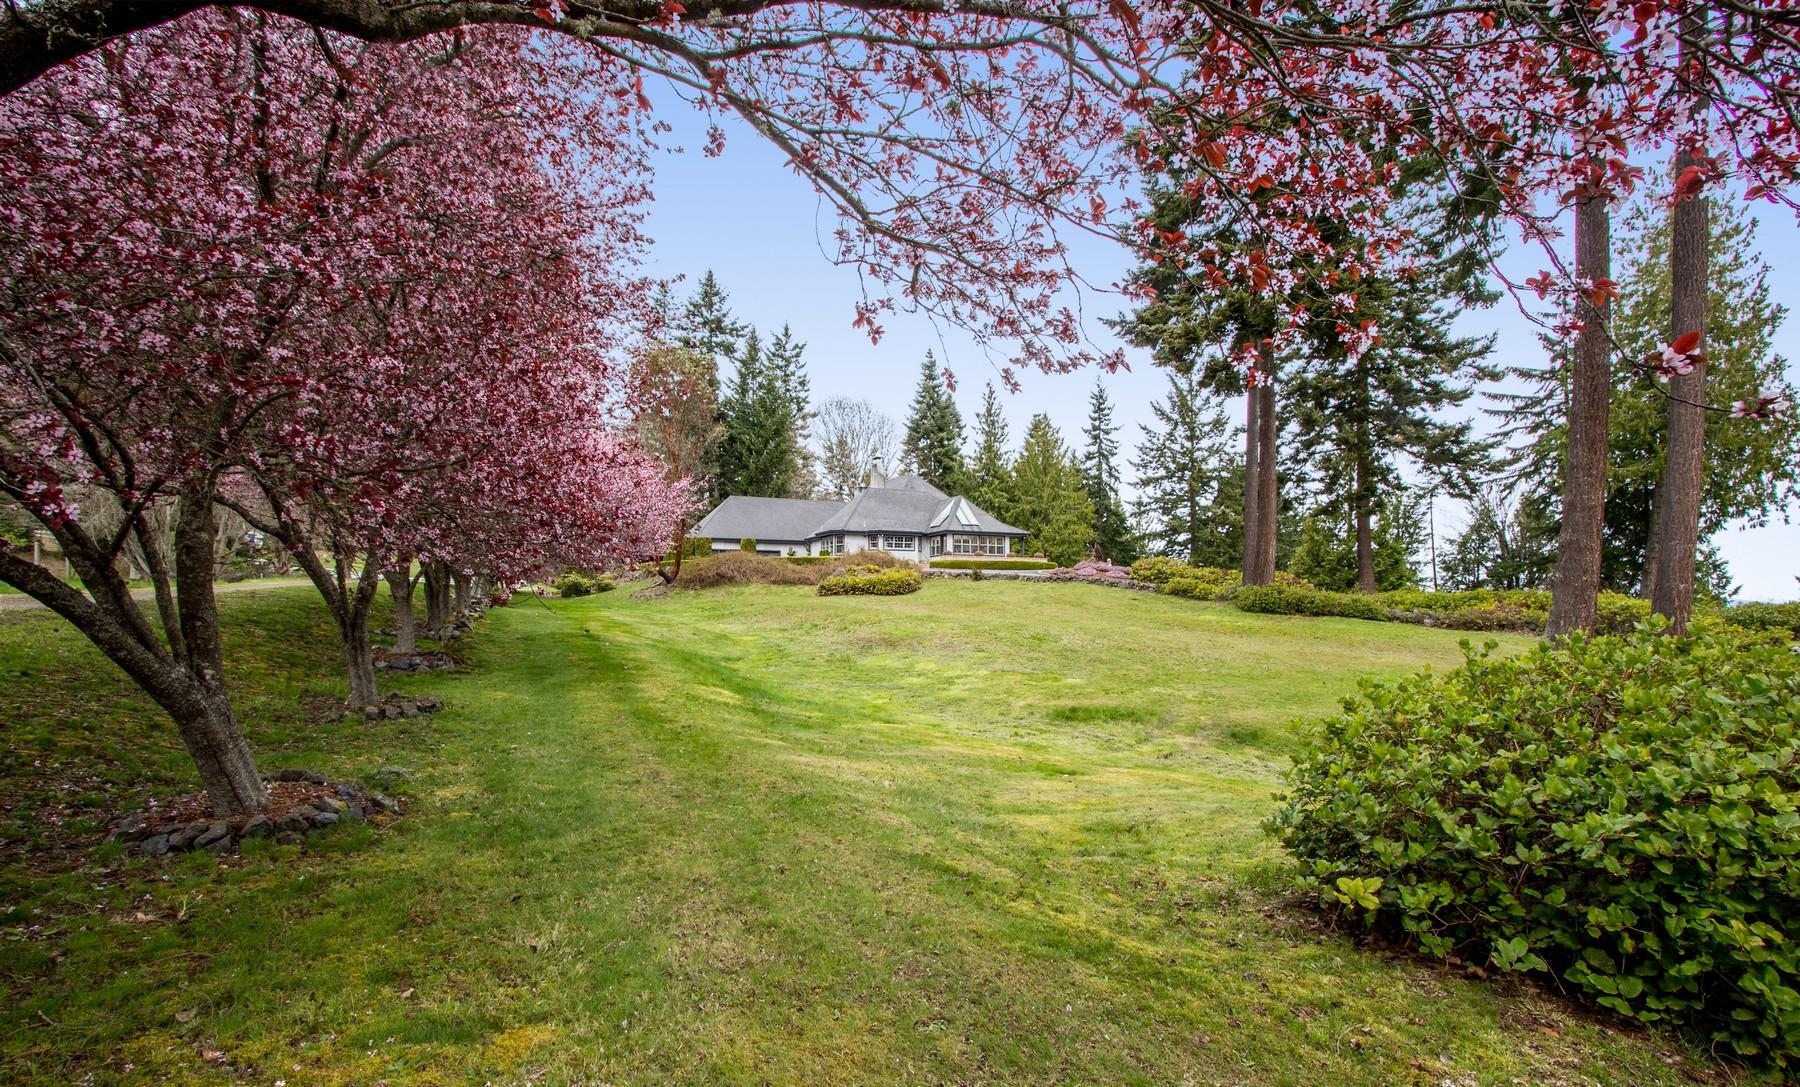 Частный односемейный дом для того Продажа на Waterfront Country Manor 164 Seagull Drive Port Angeles, Вашингтон 98363 Соединенные Штаты